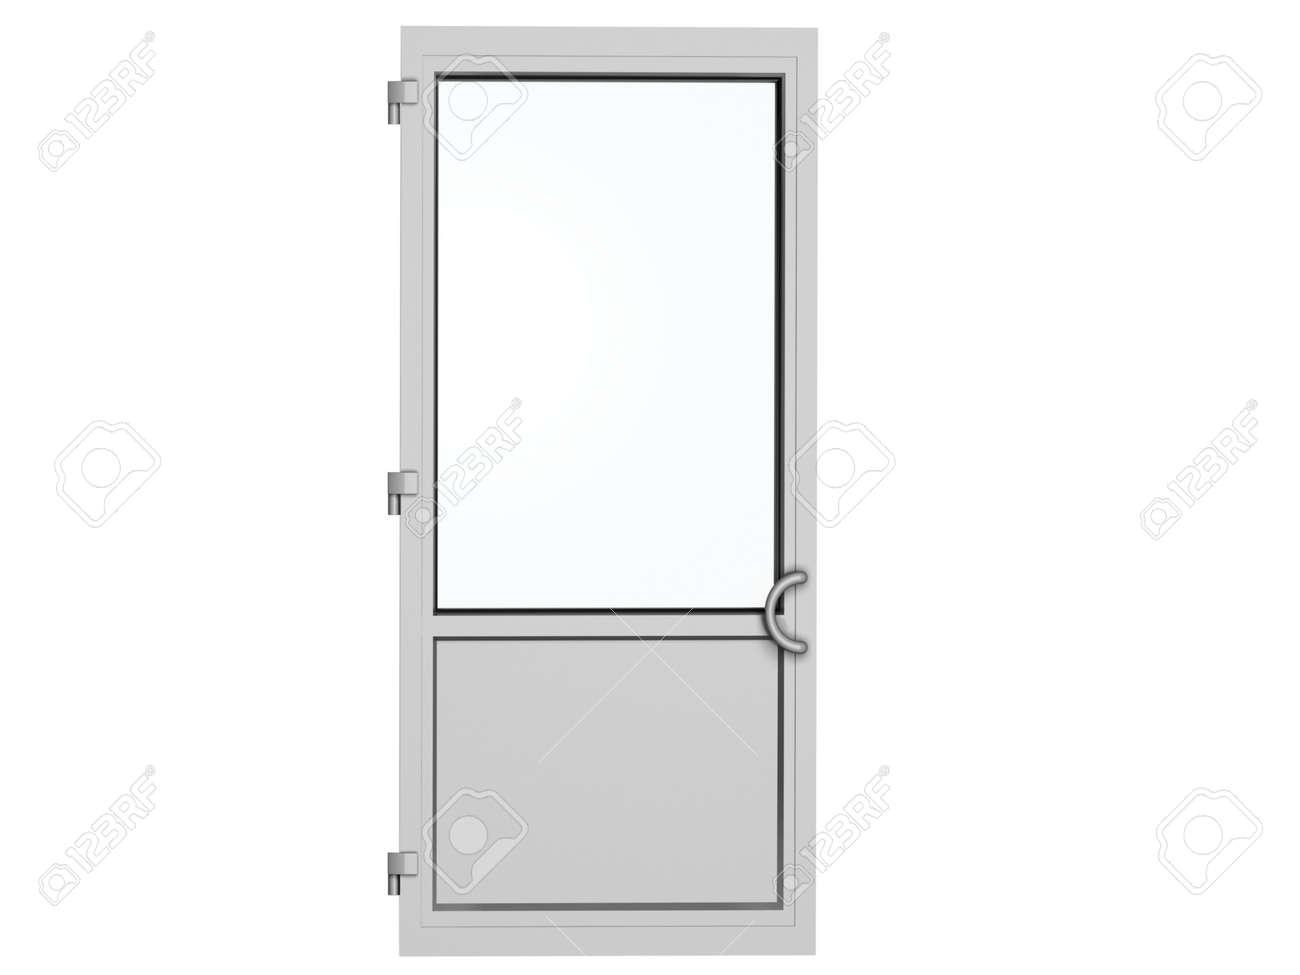 Ein Rahmen Metall-Kunststoff-Tür Isoliert Auf Weiß Lizenzfreie Fotos ...